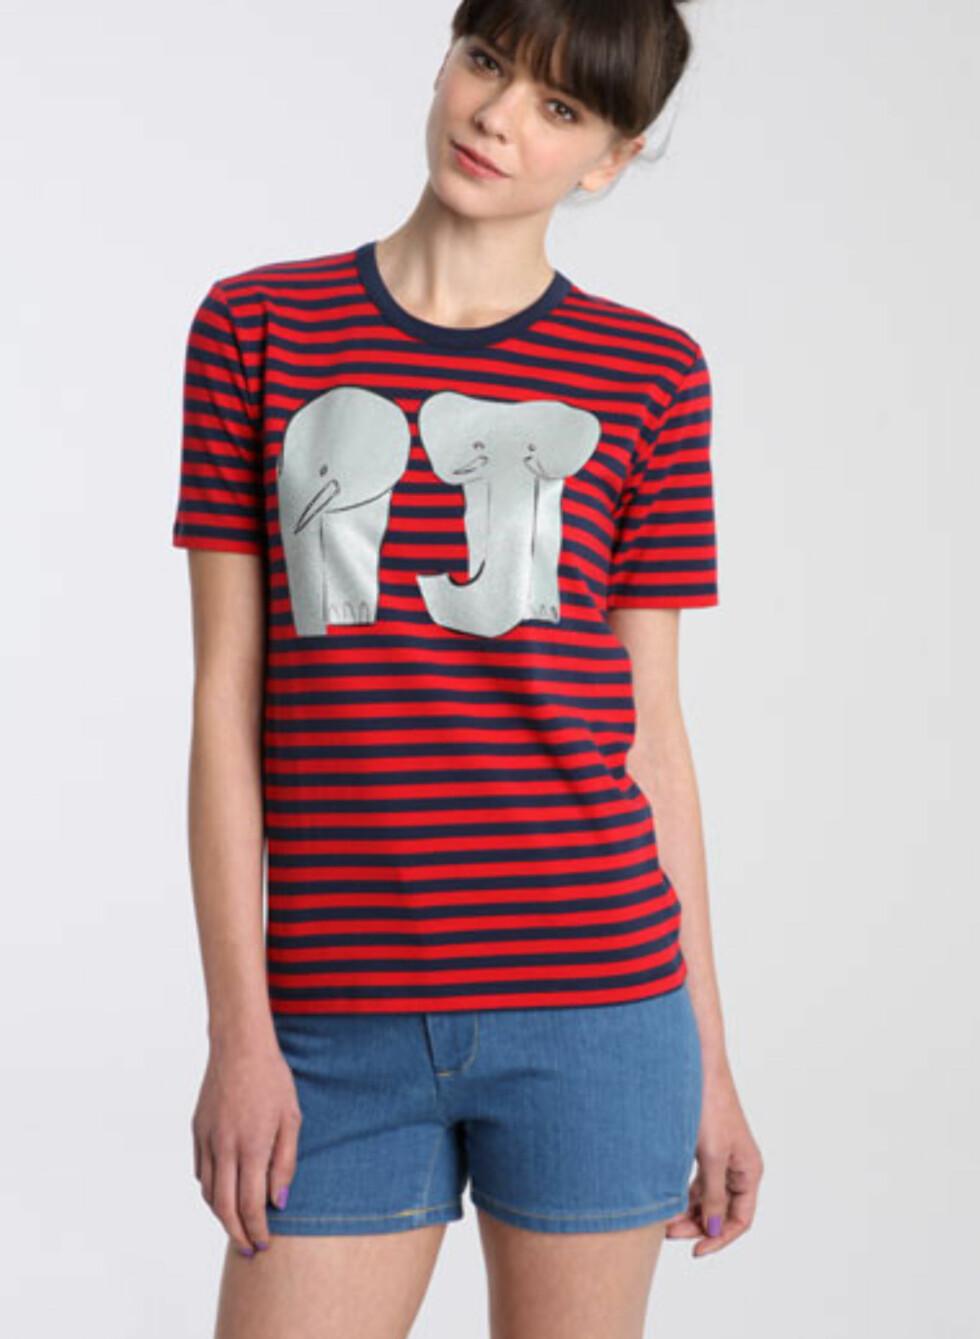 Stripet t-skjorte med elefanter (ca kr.460/Urbanoutfitters.com). Foto: Produsentene